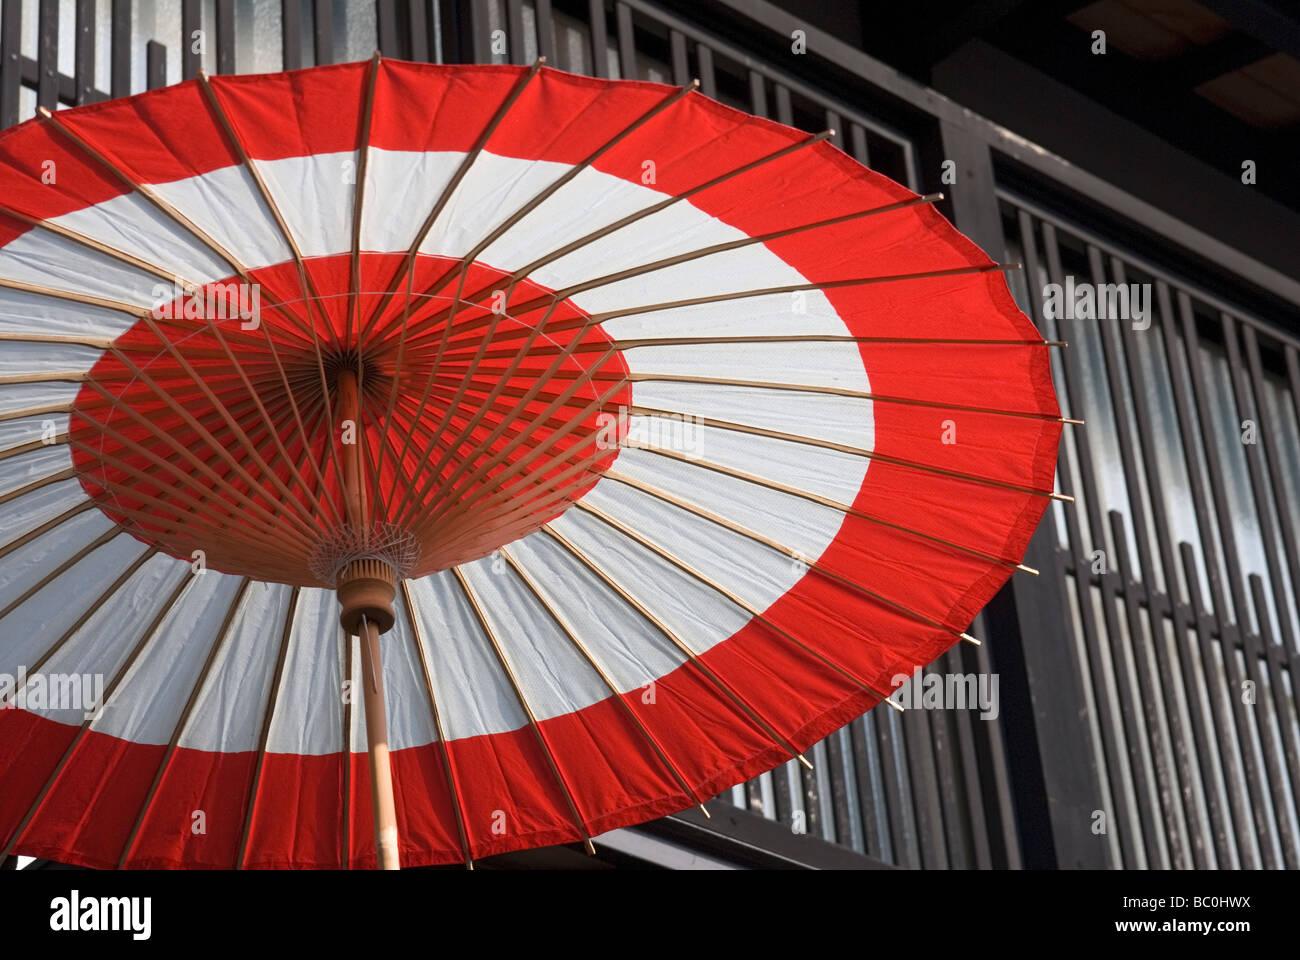 Ein weißer und roter traditionellen Regenschirm verleiht ein bisschen fröhlich Farbe einer traditionellen Stockbild